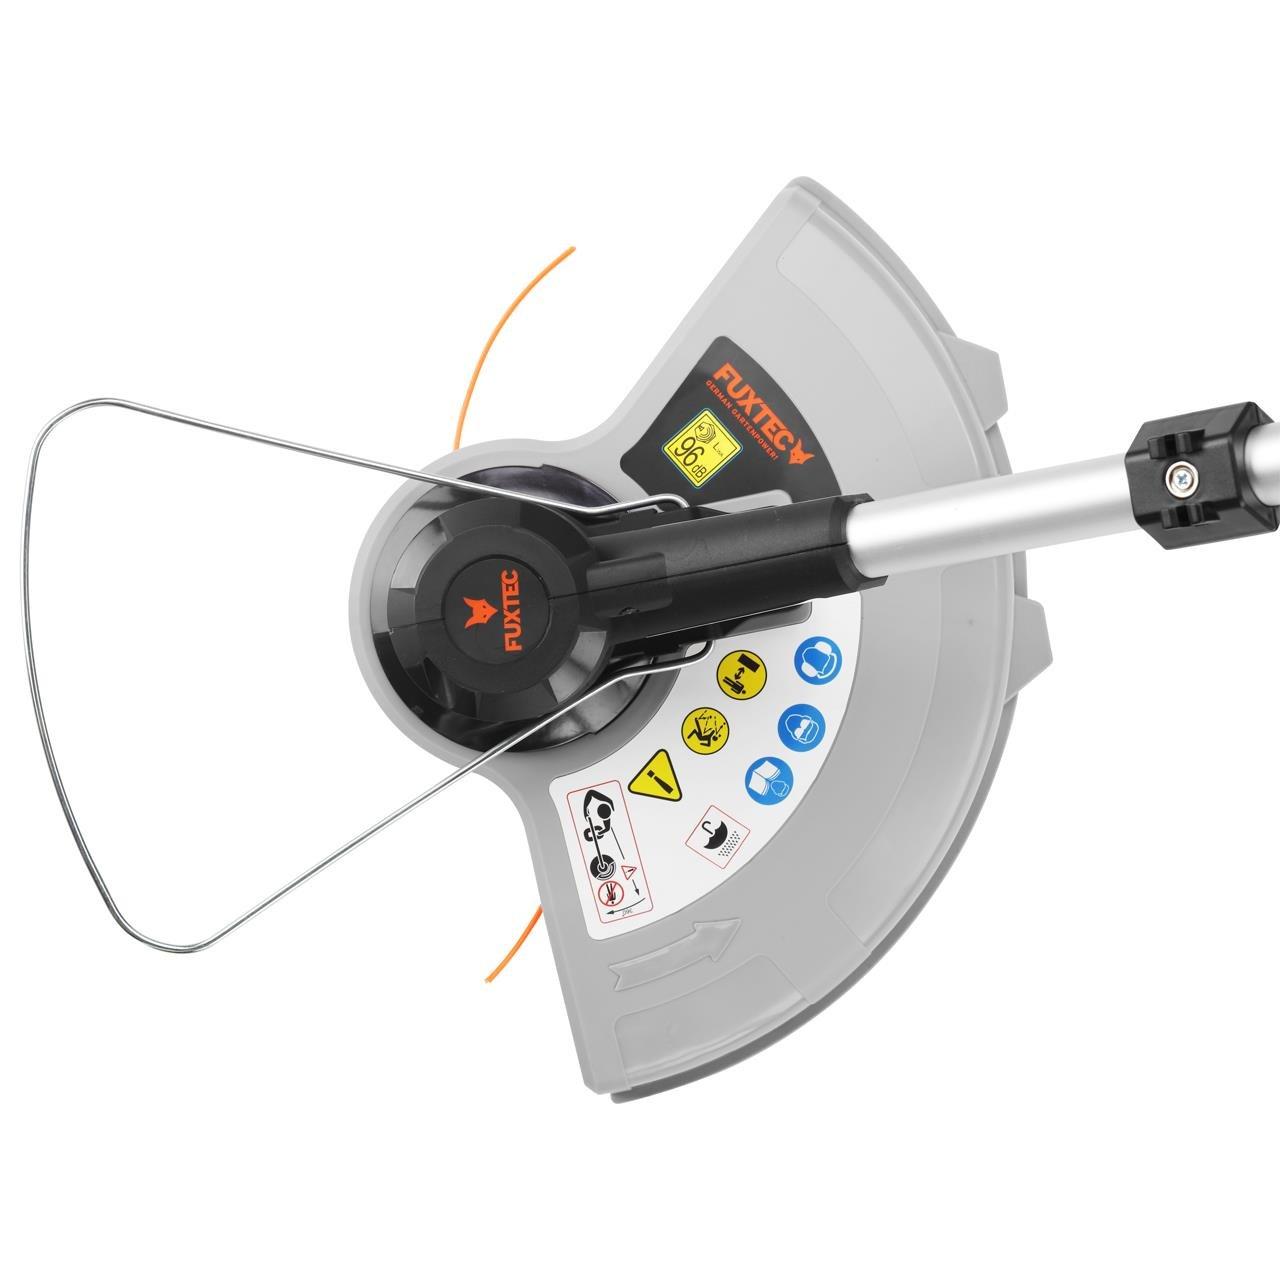 Fuxtec 120 V batería cortabordes ea314 by 120 V Tecnología de ...